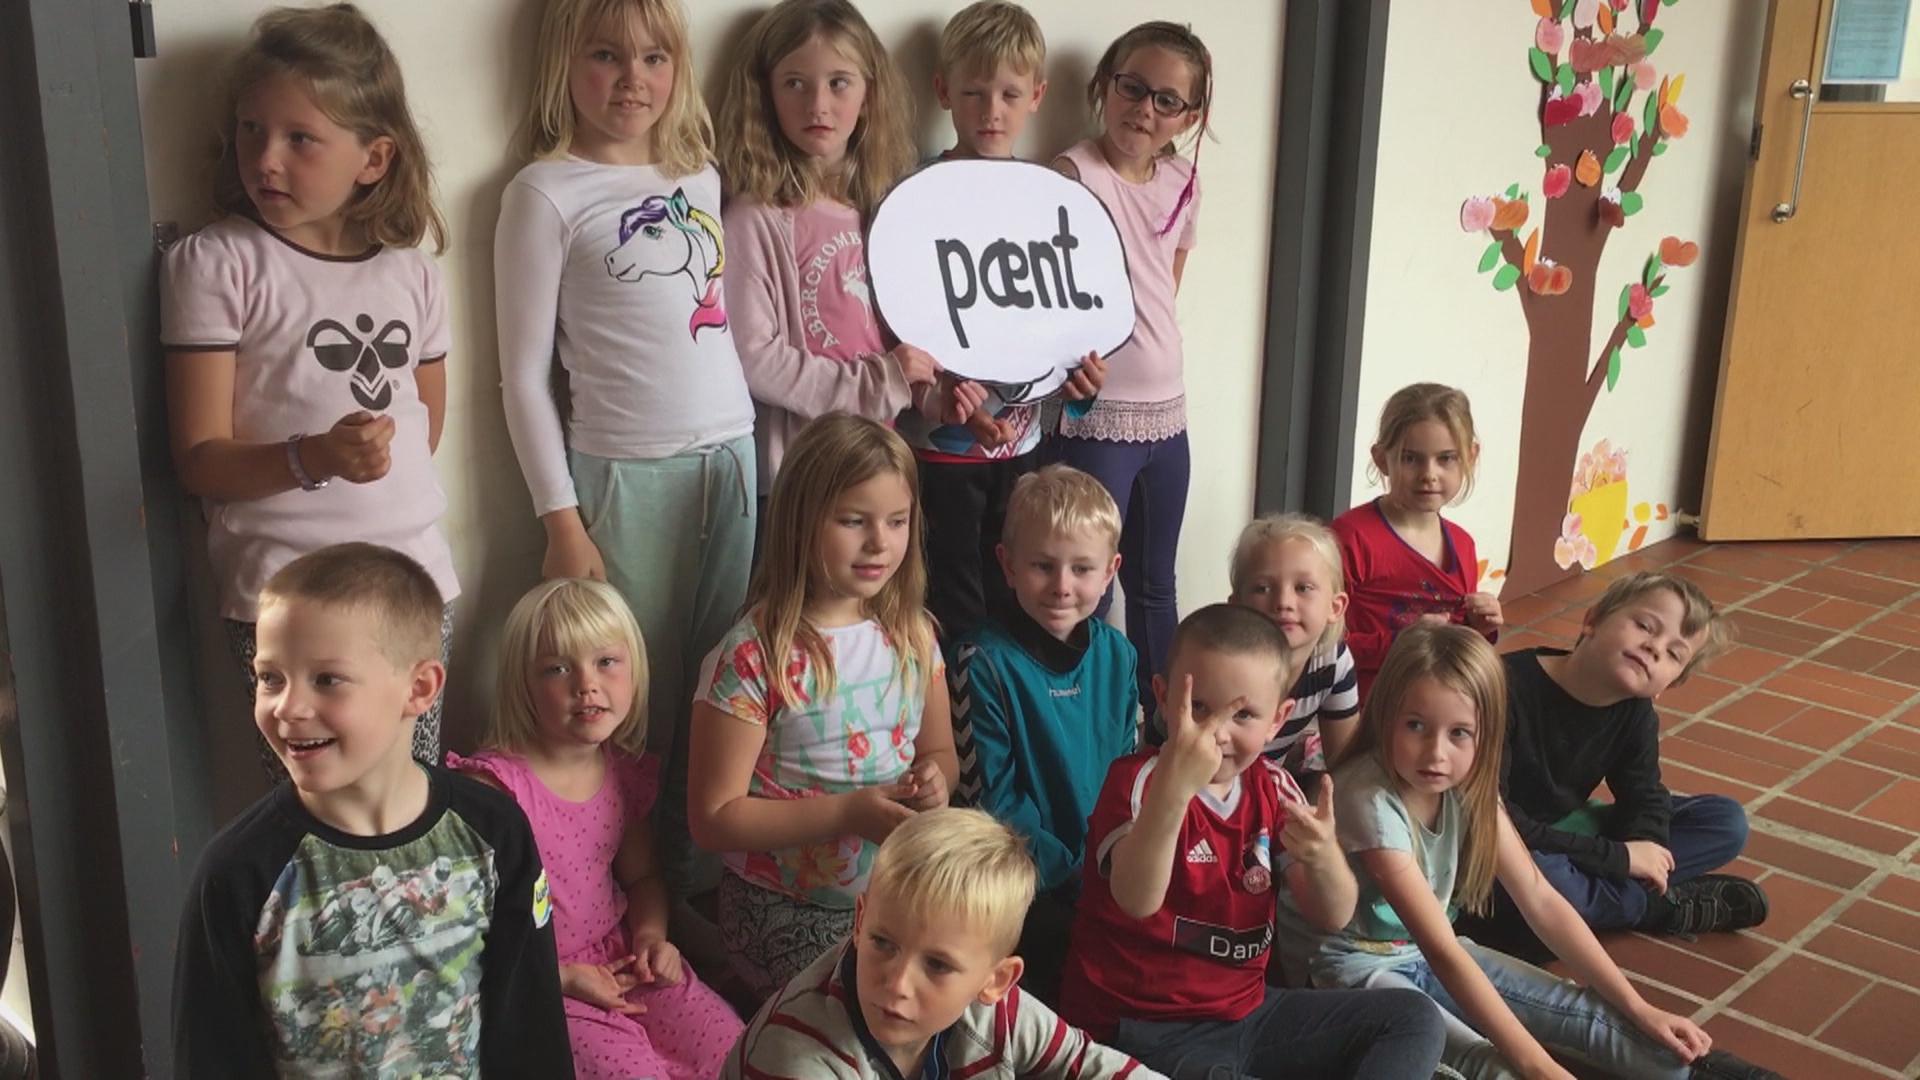 Skoler til kamp for den gode tone: 1. A skriver søde ord på æbler | Midt- og Vestjylland | DR